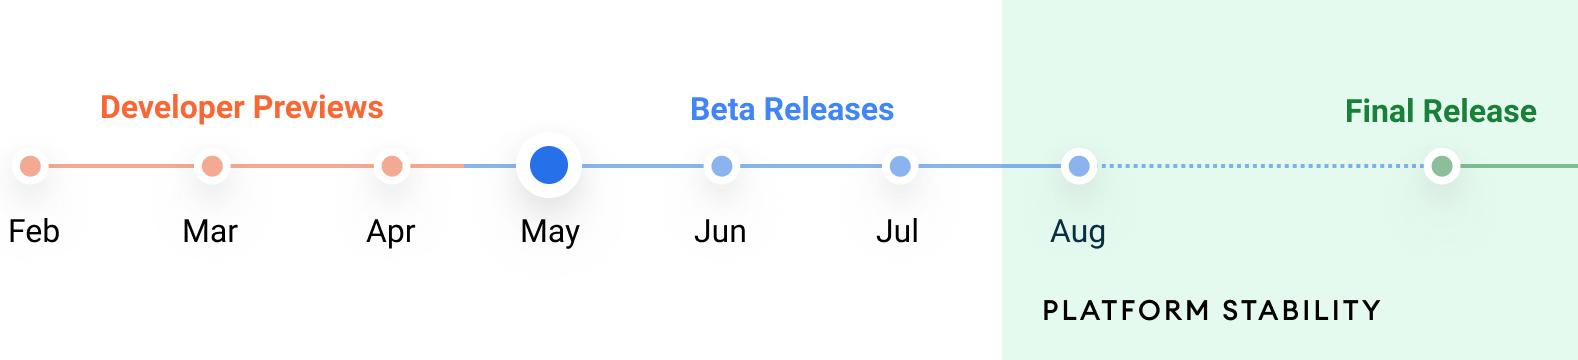 「Android 12」のリリーススケジュール。8月に機能が確定されたのち、安定性向上のテストが行われ、製品版としてリリースされる